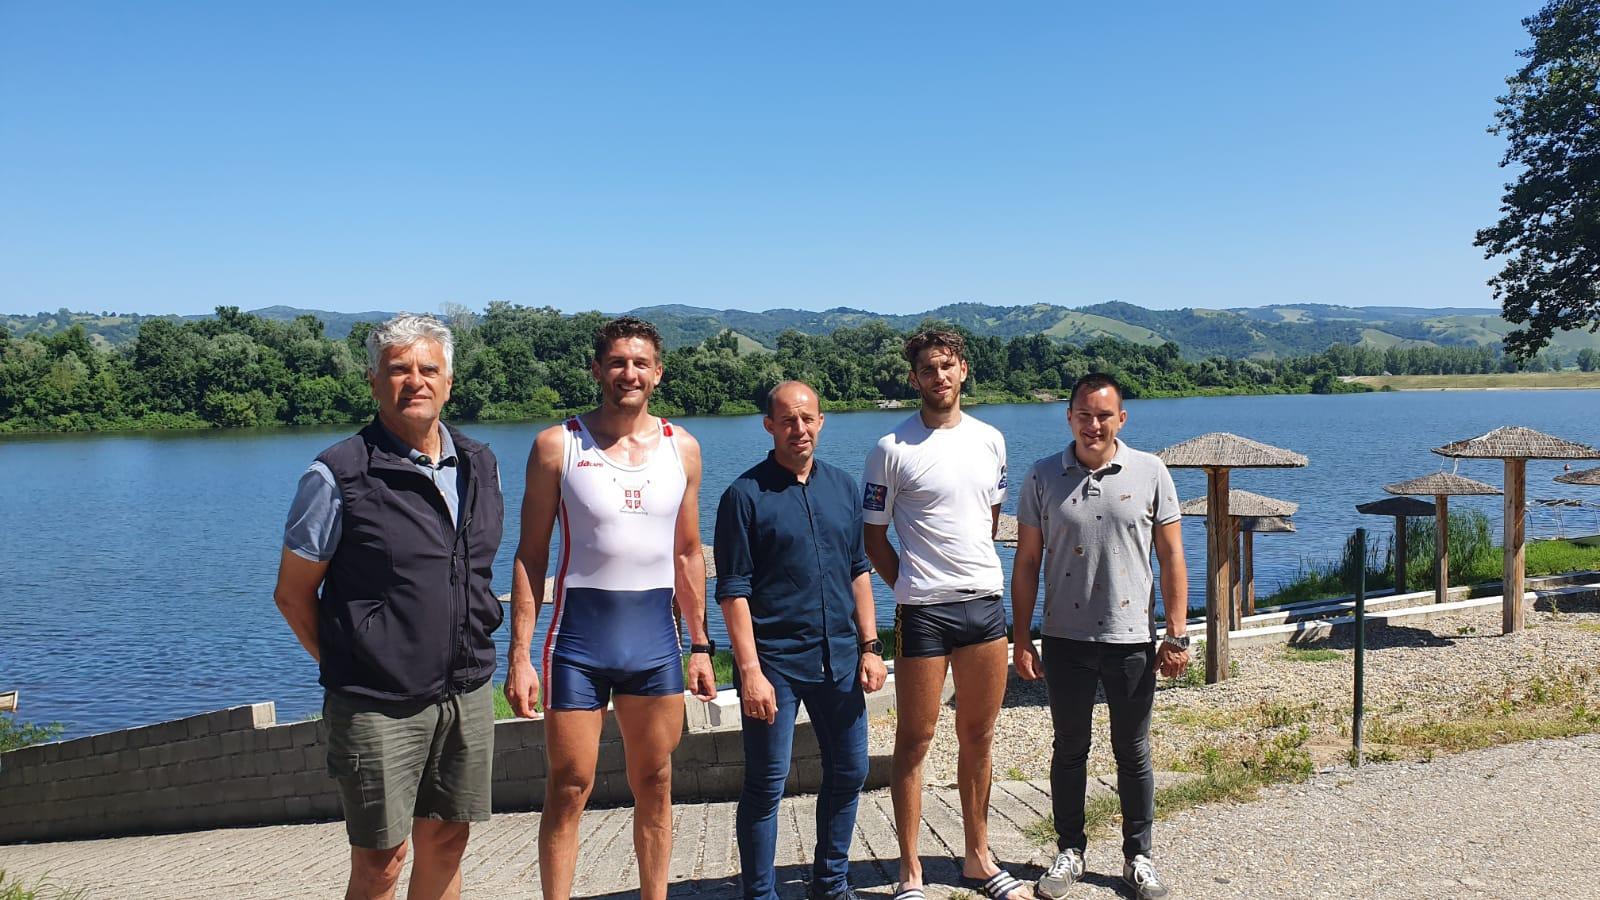 gensek sss na srebrnom jezeru s veslačima